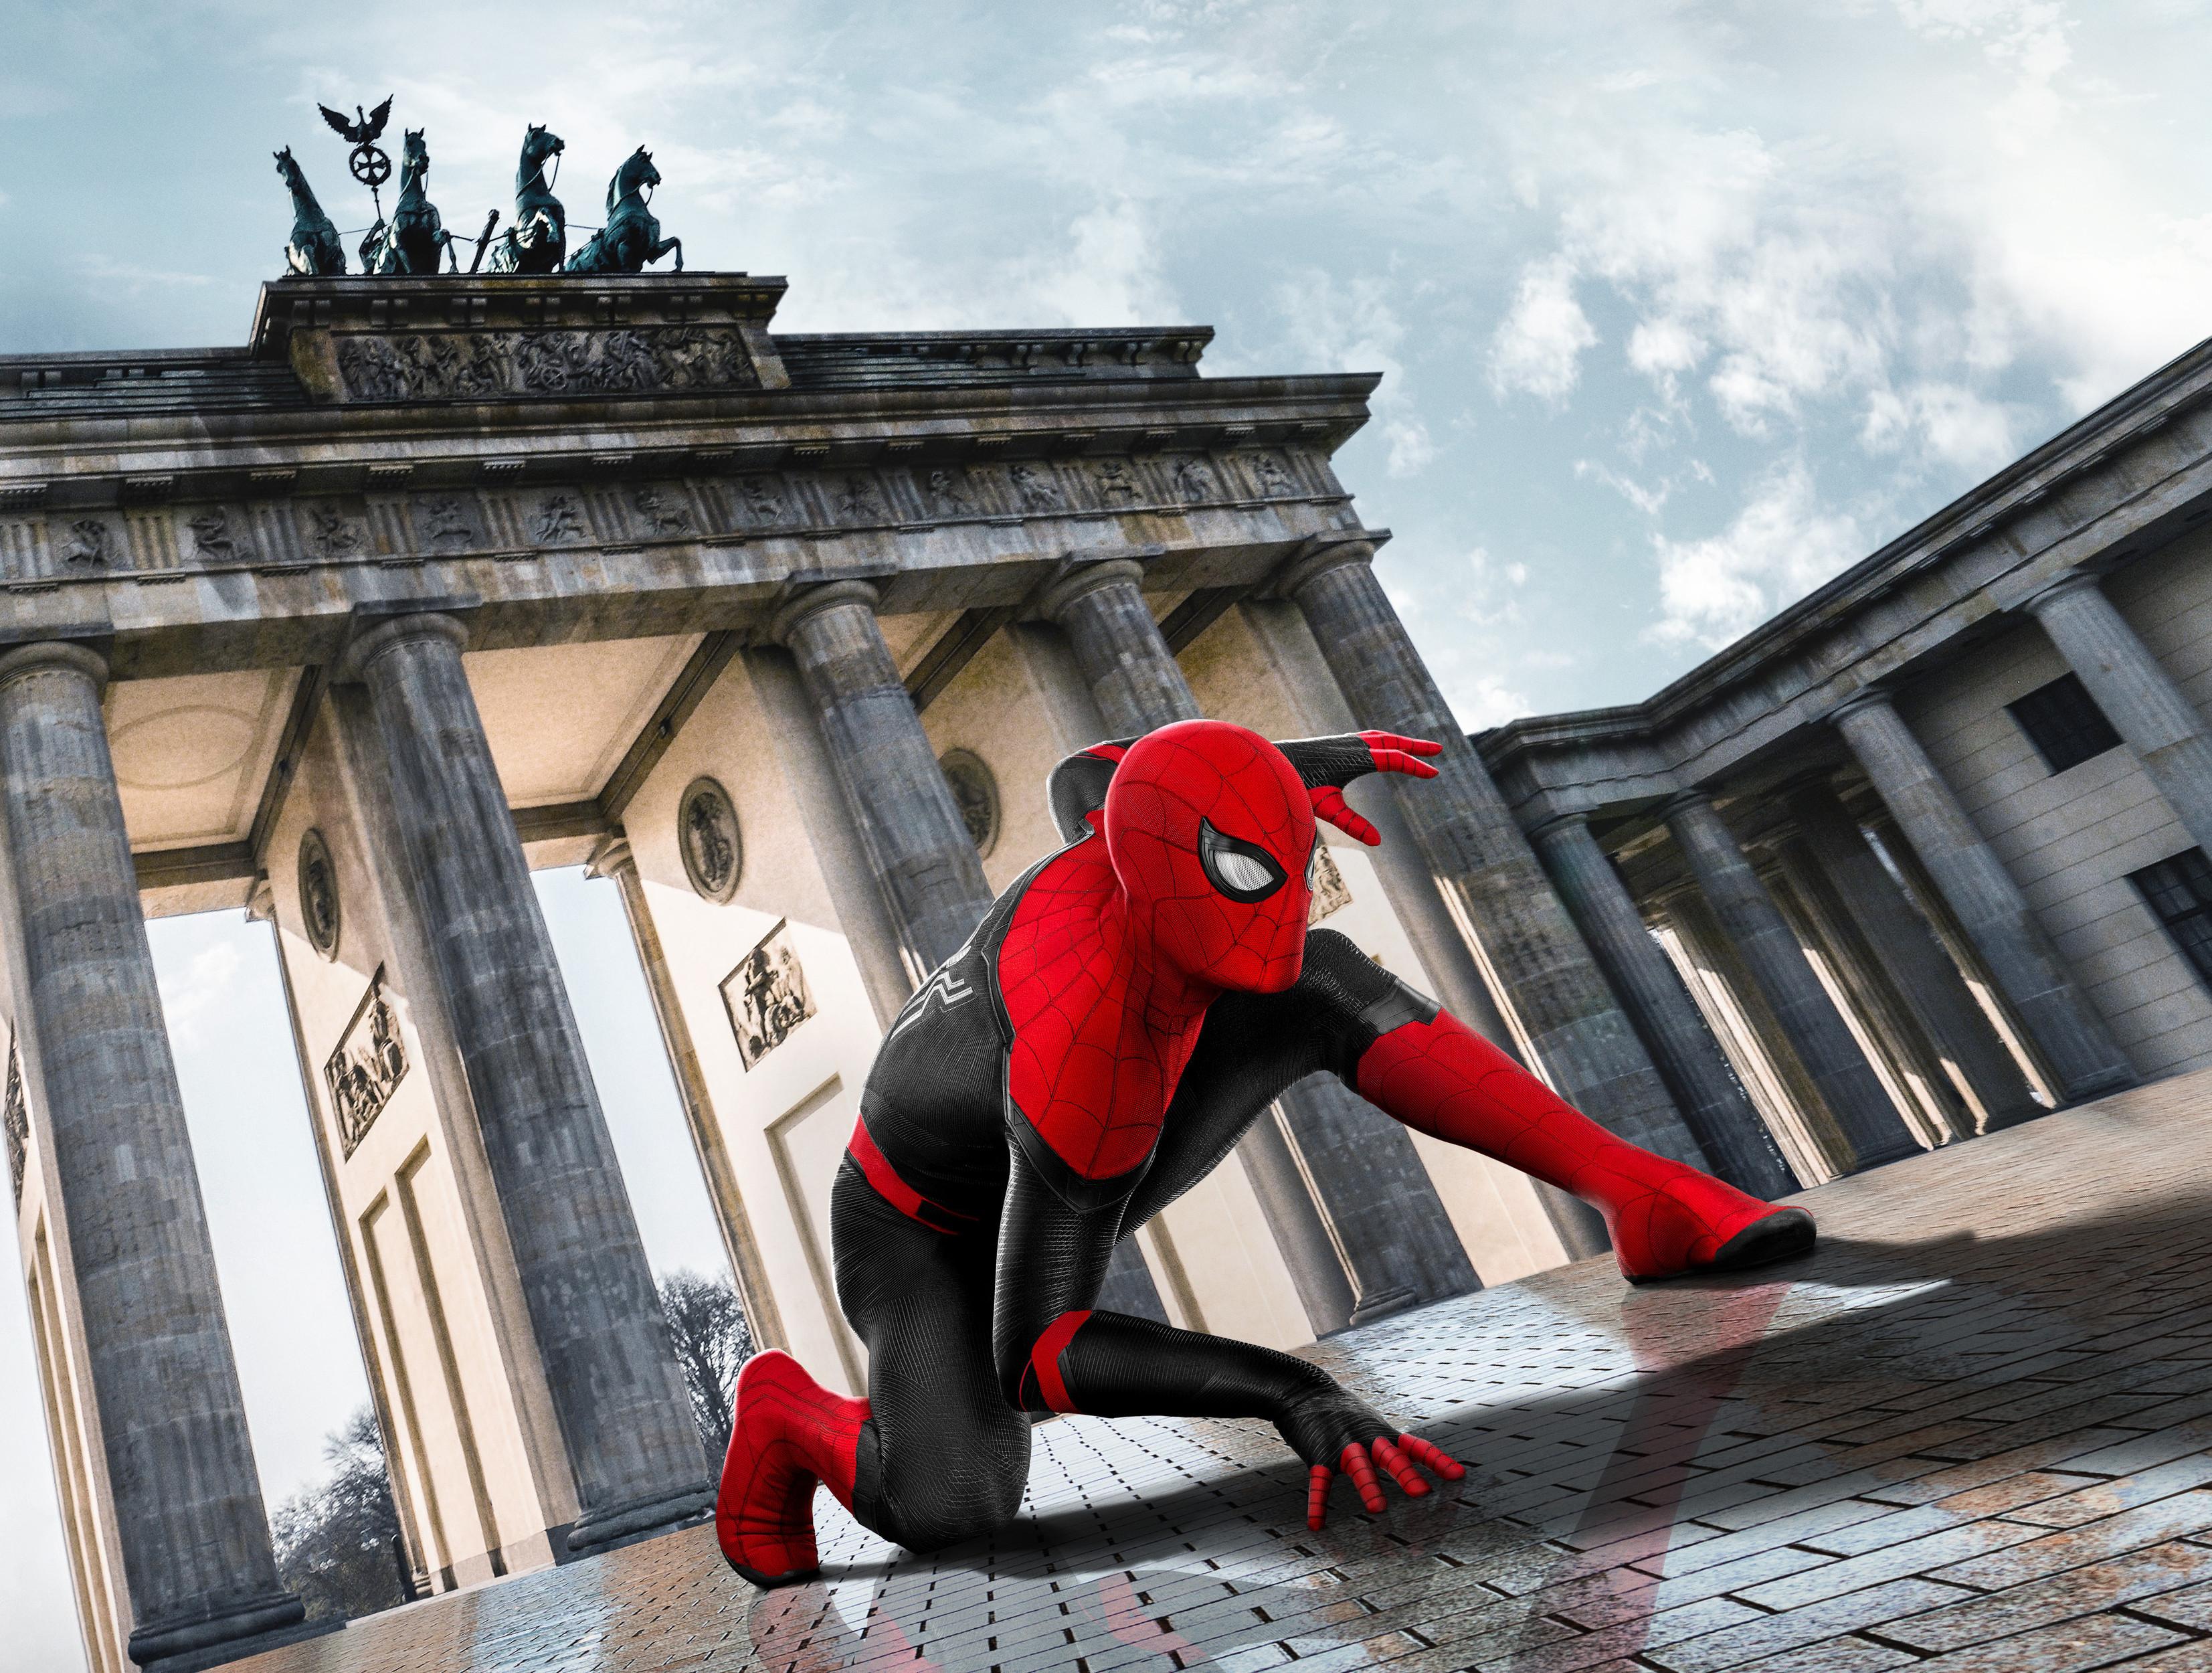 漫威总裁证实《蜘蛛侠2》才是第三阶段收官之作,并非《复联4》 作者: 来源:猫眼电影